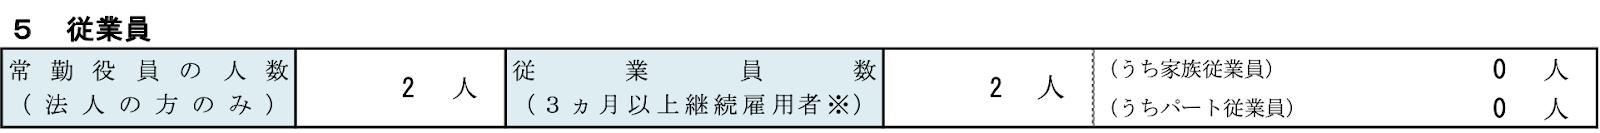 創業計画書の従業員サンプル図